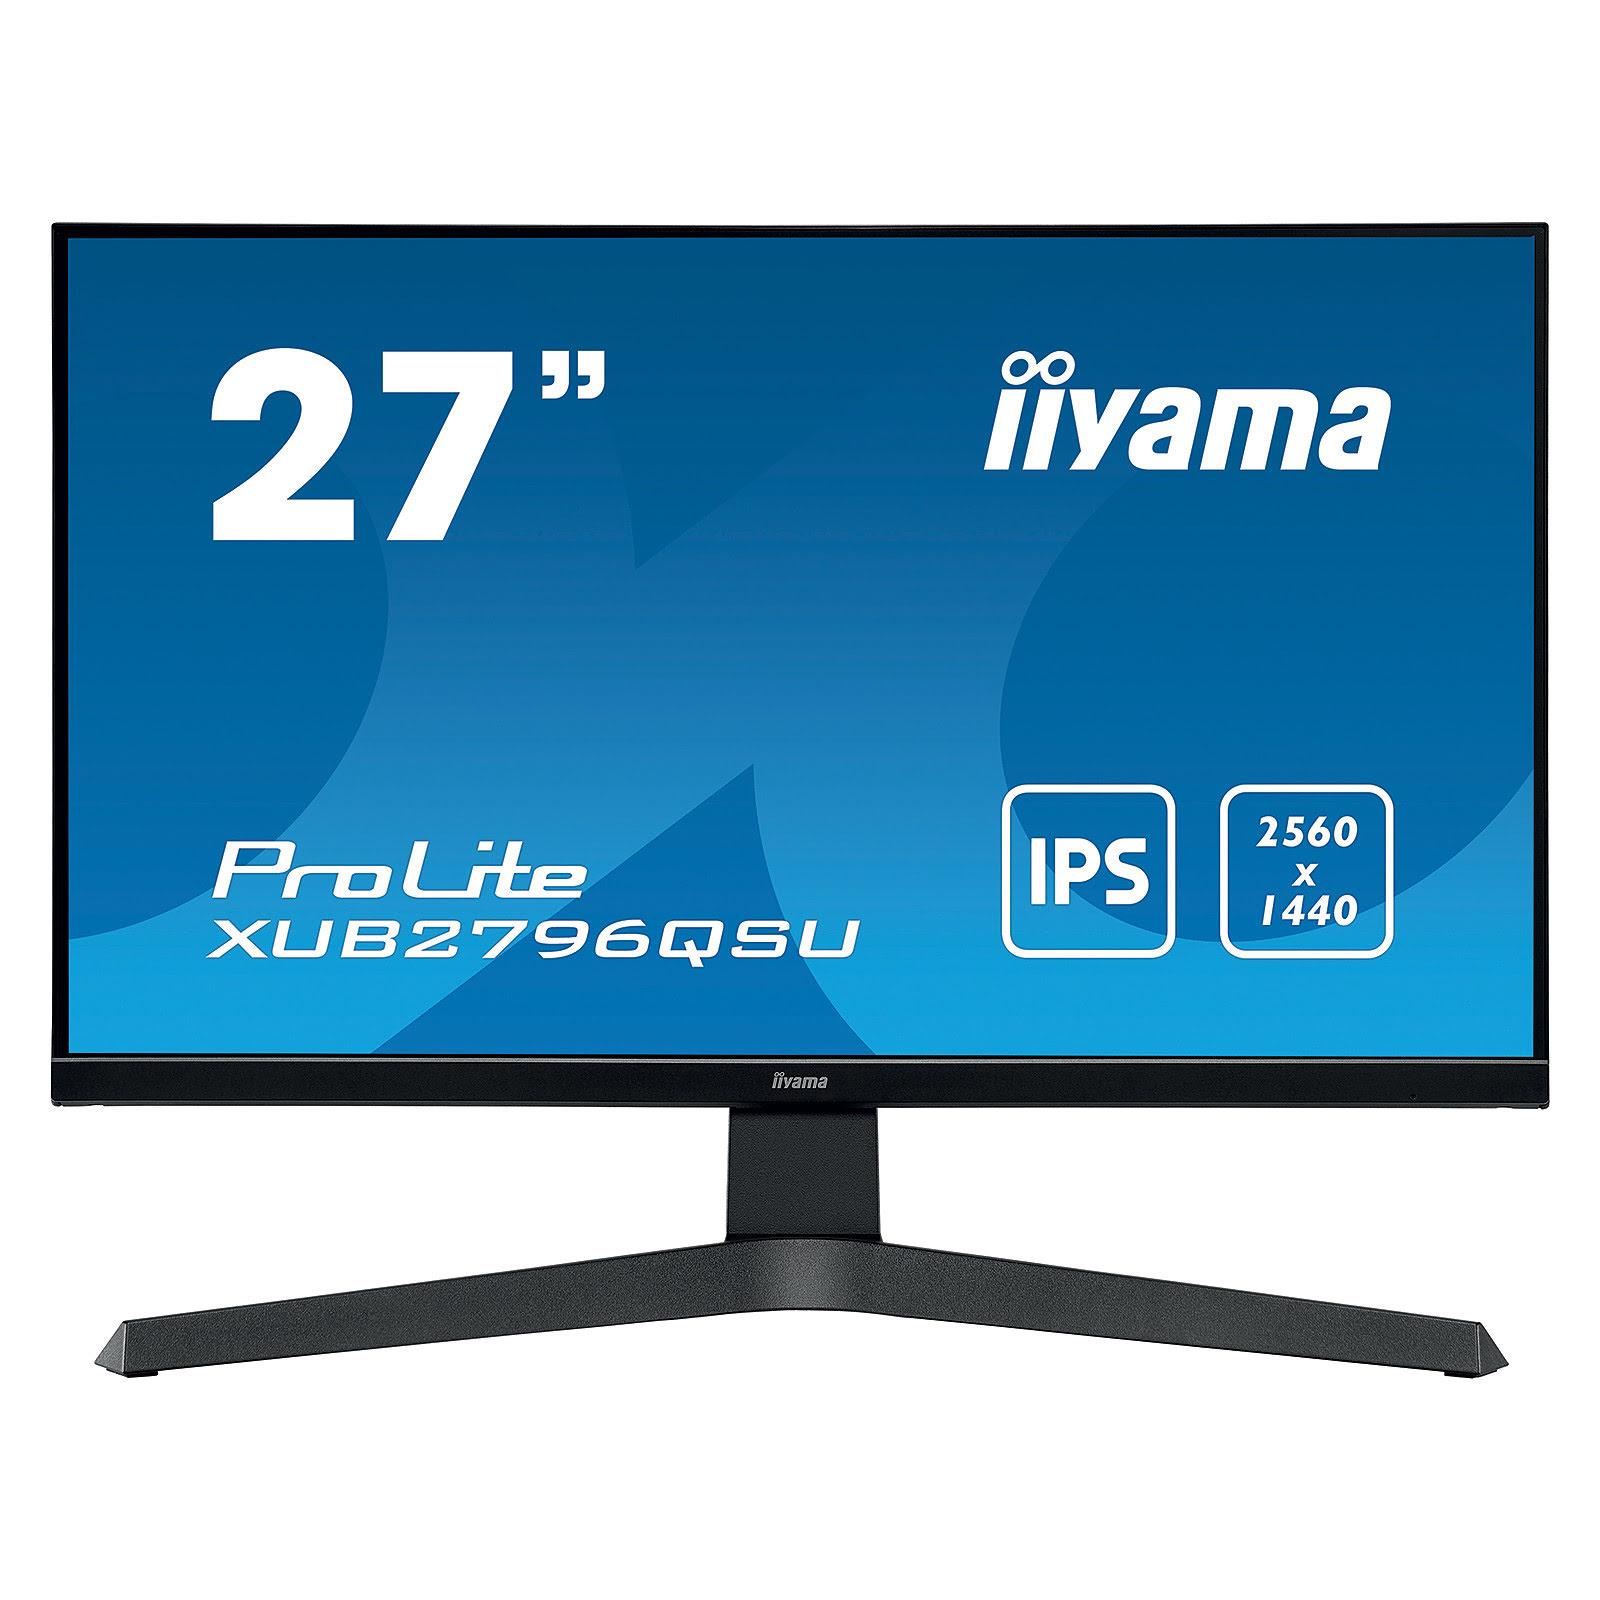 ProLite XUB2796QSU-B1 (XUB2796QSU-B1) - Achat / Vente Ecran PC sur Picata.fr - 0